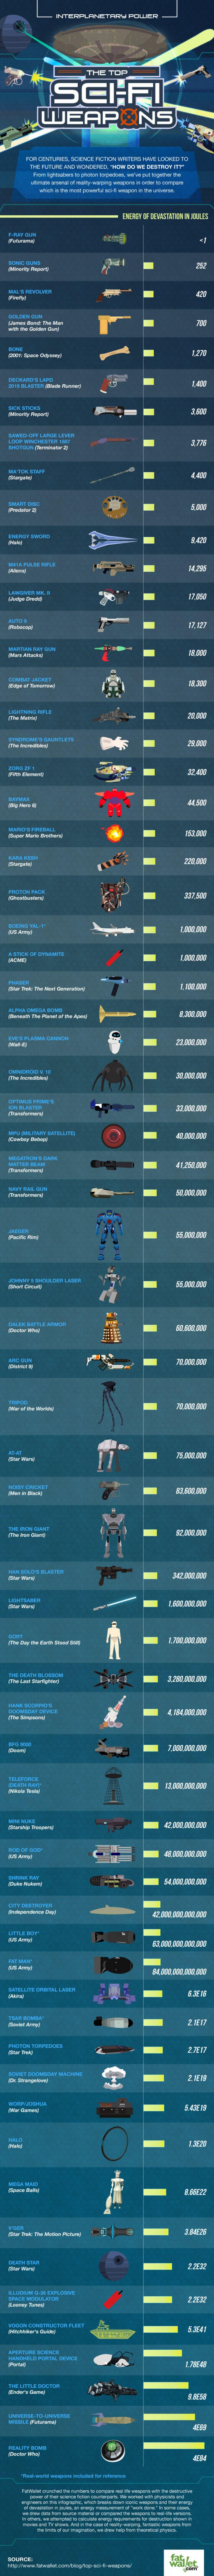 the-best-scifi-weapons-ever-built_568d4278339d2_w1500